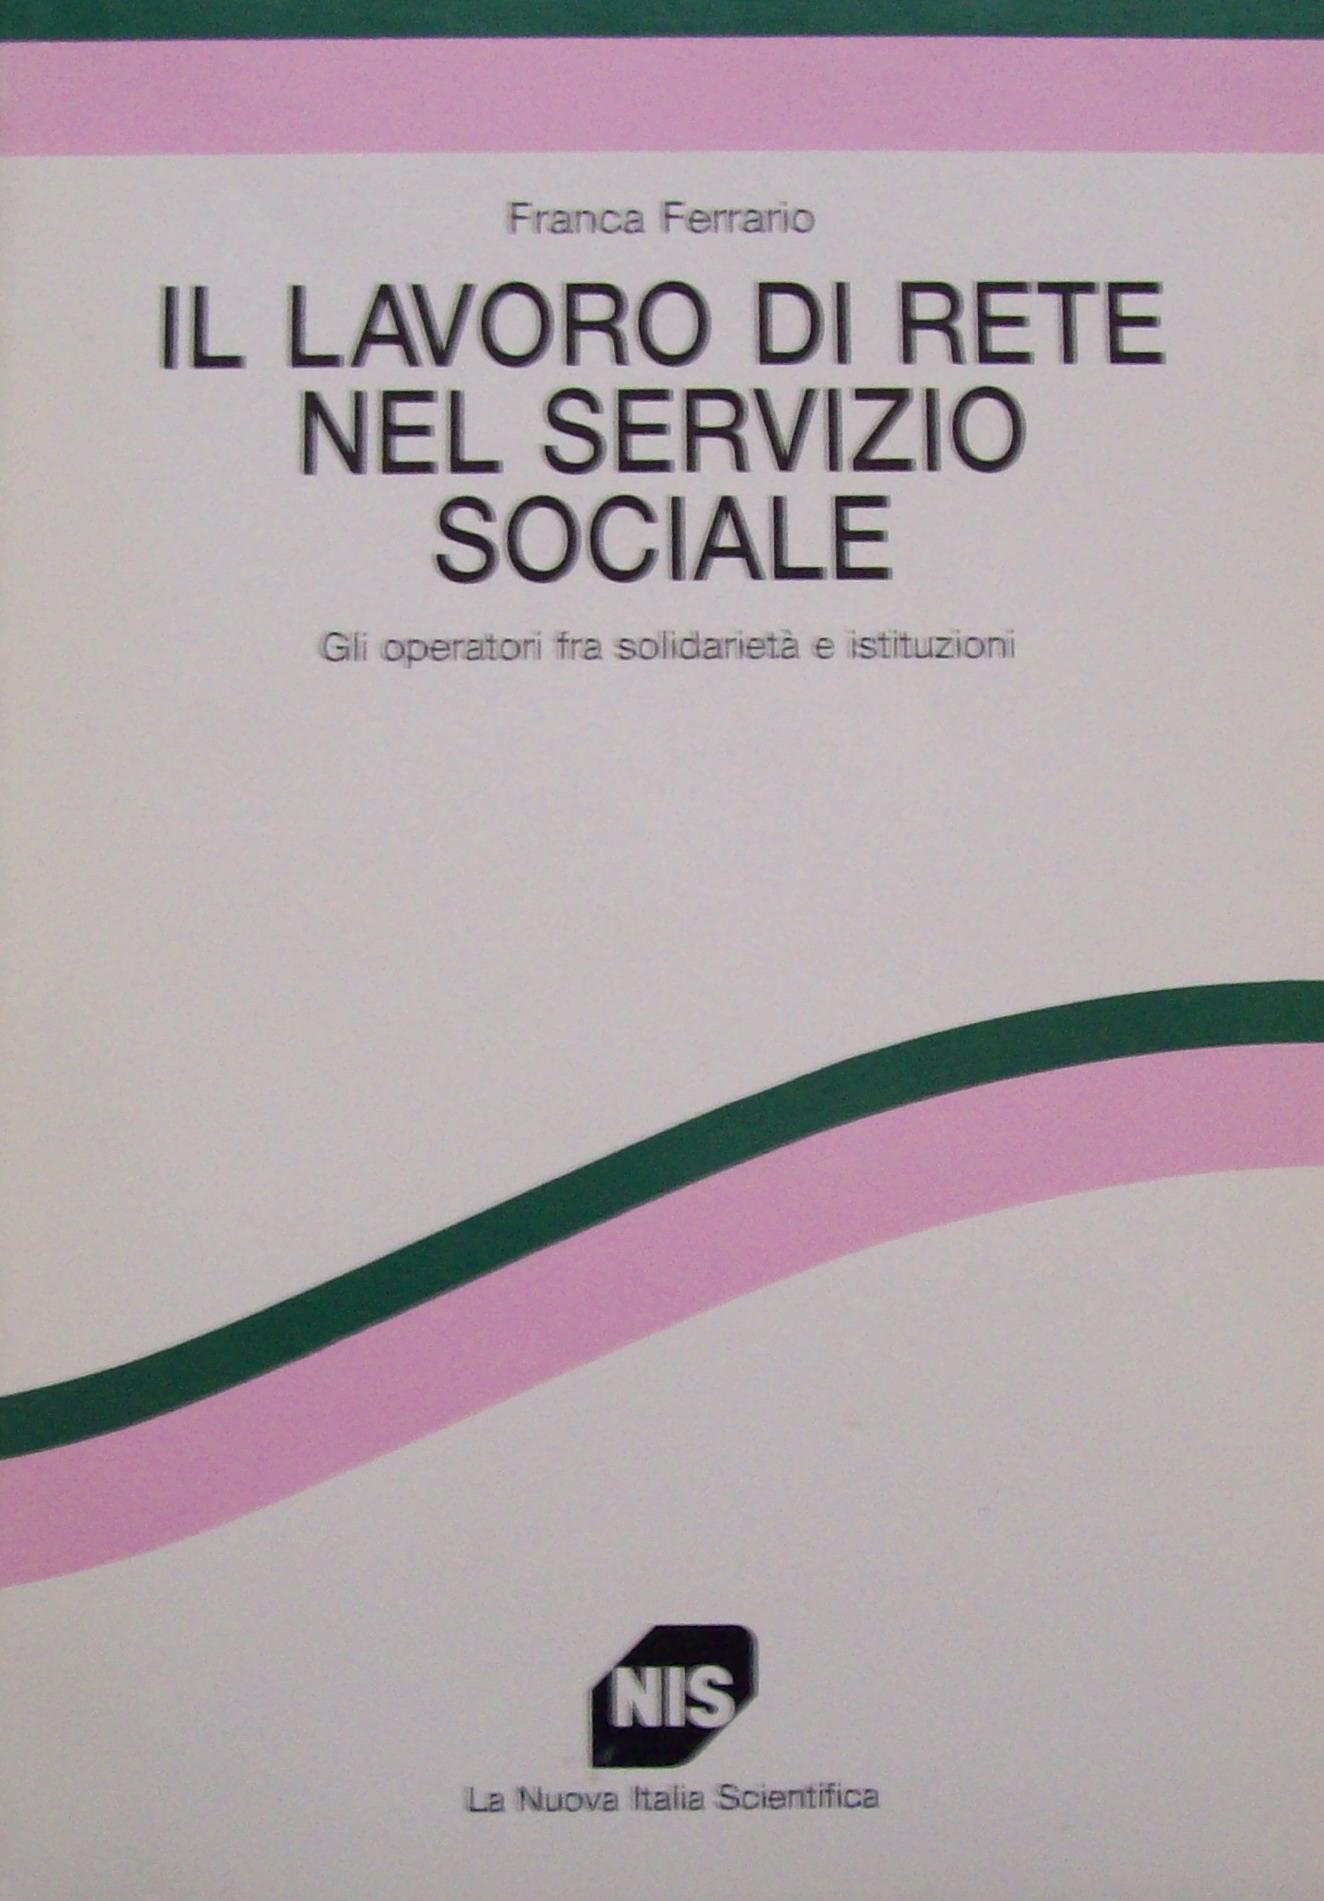 Il lavoro di rete nel servizio sociale